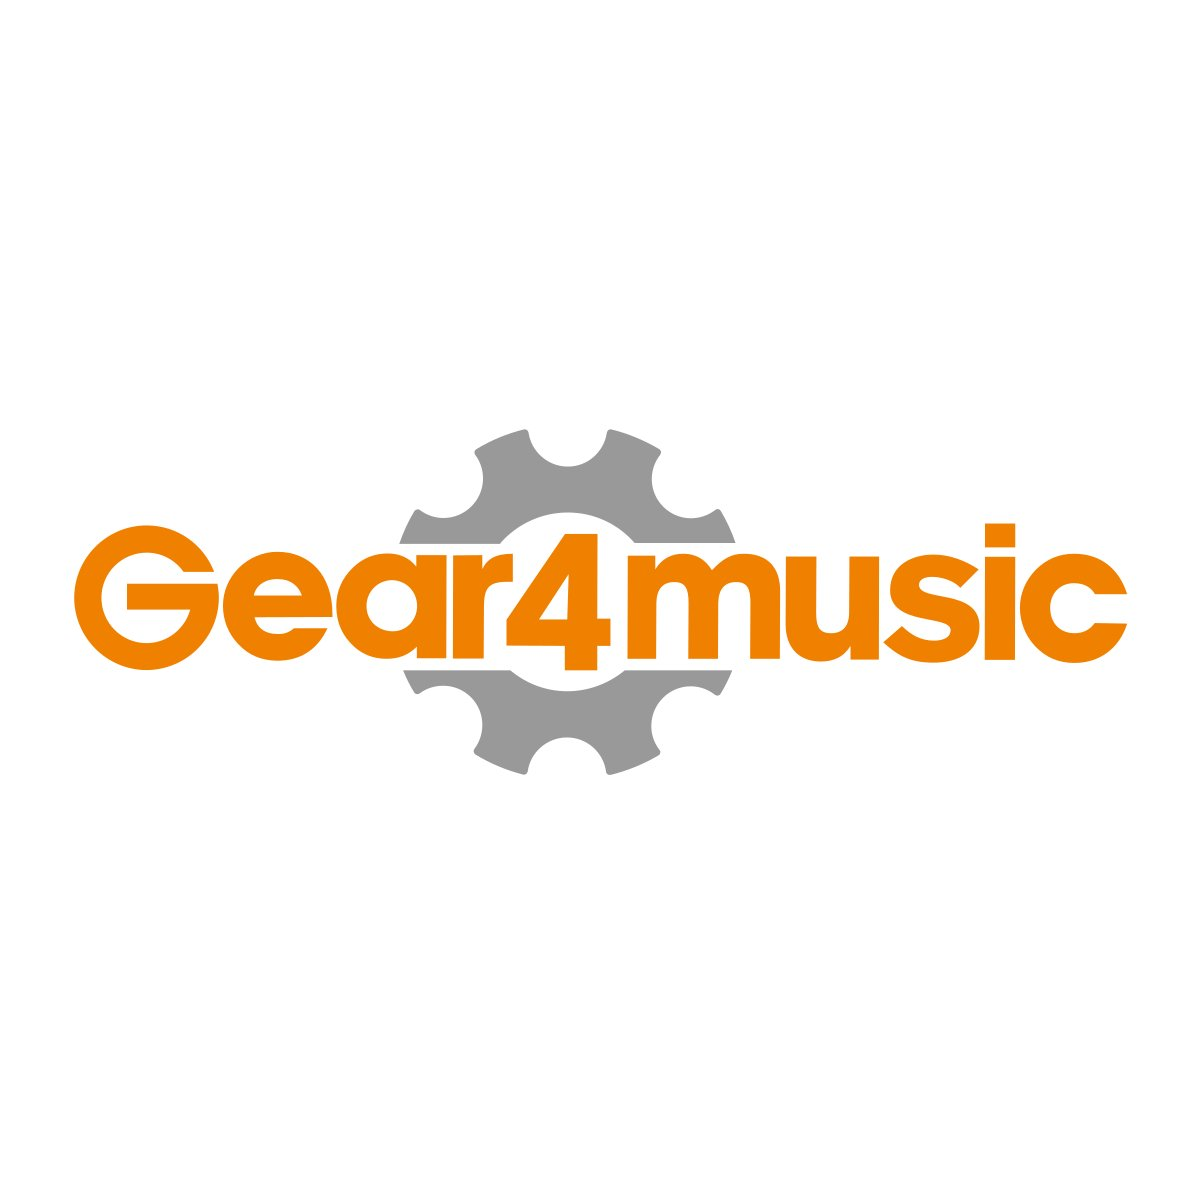 Gepolsterde hoes voor 3/4 akoestische gitaar door Gear4music